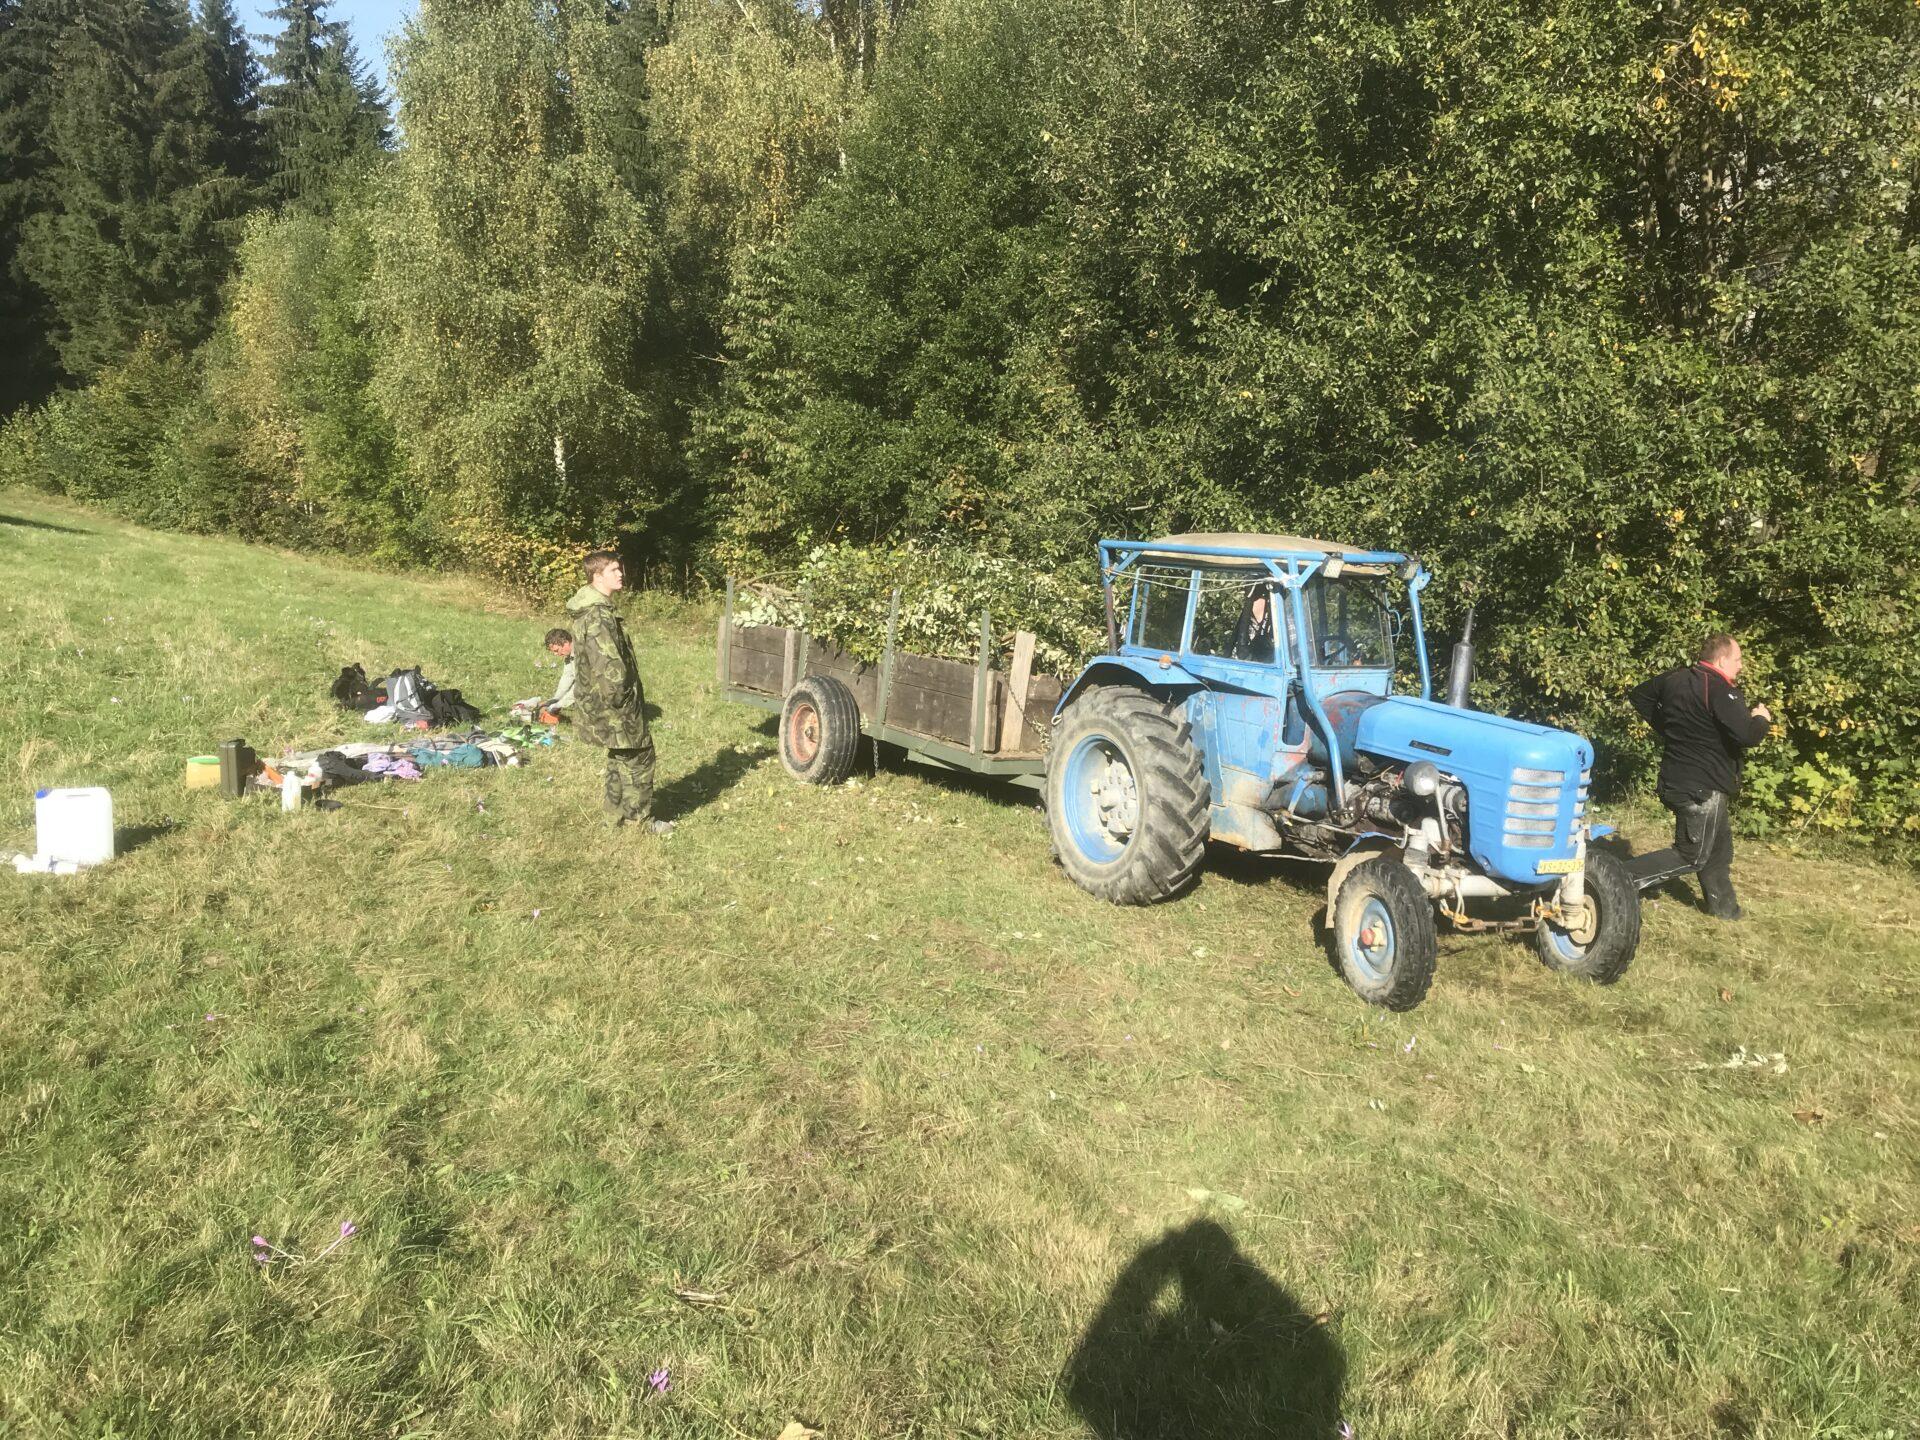 Traktorobrazek galerie - 10 z 11